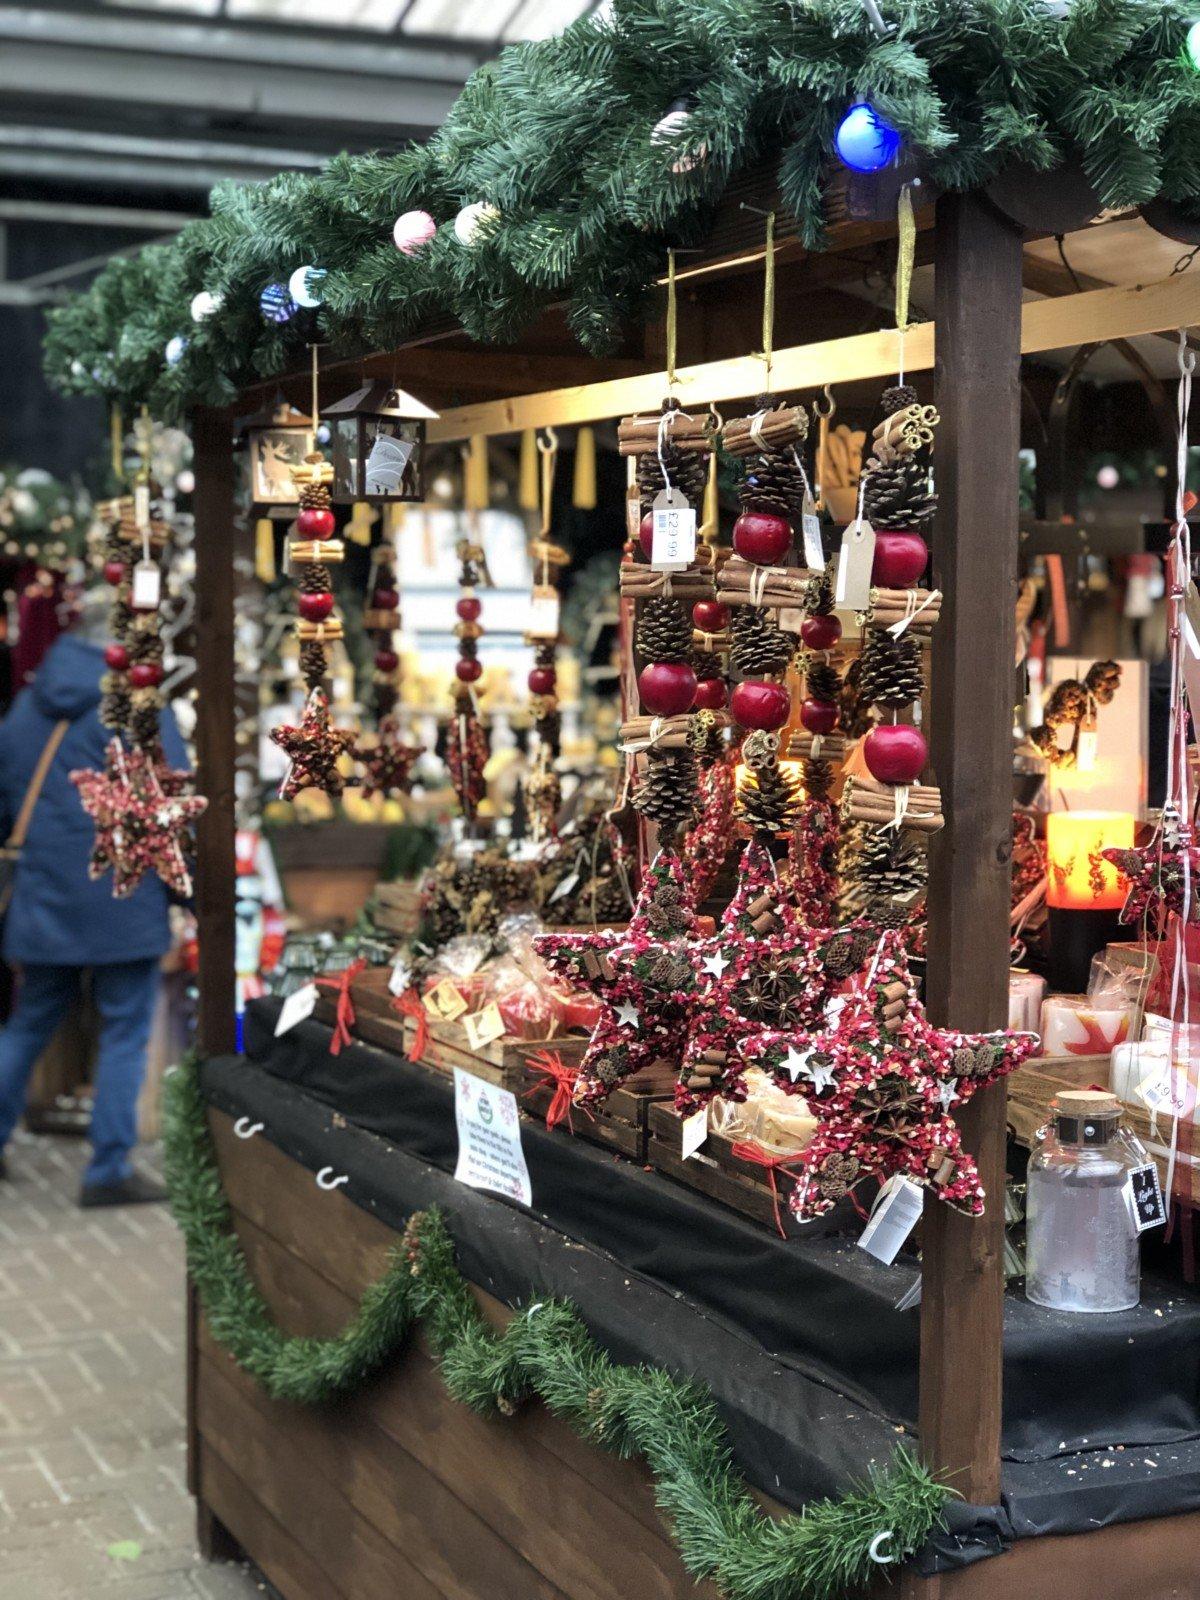 Christmas at Meadow Croft garden centre